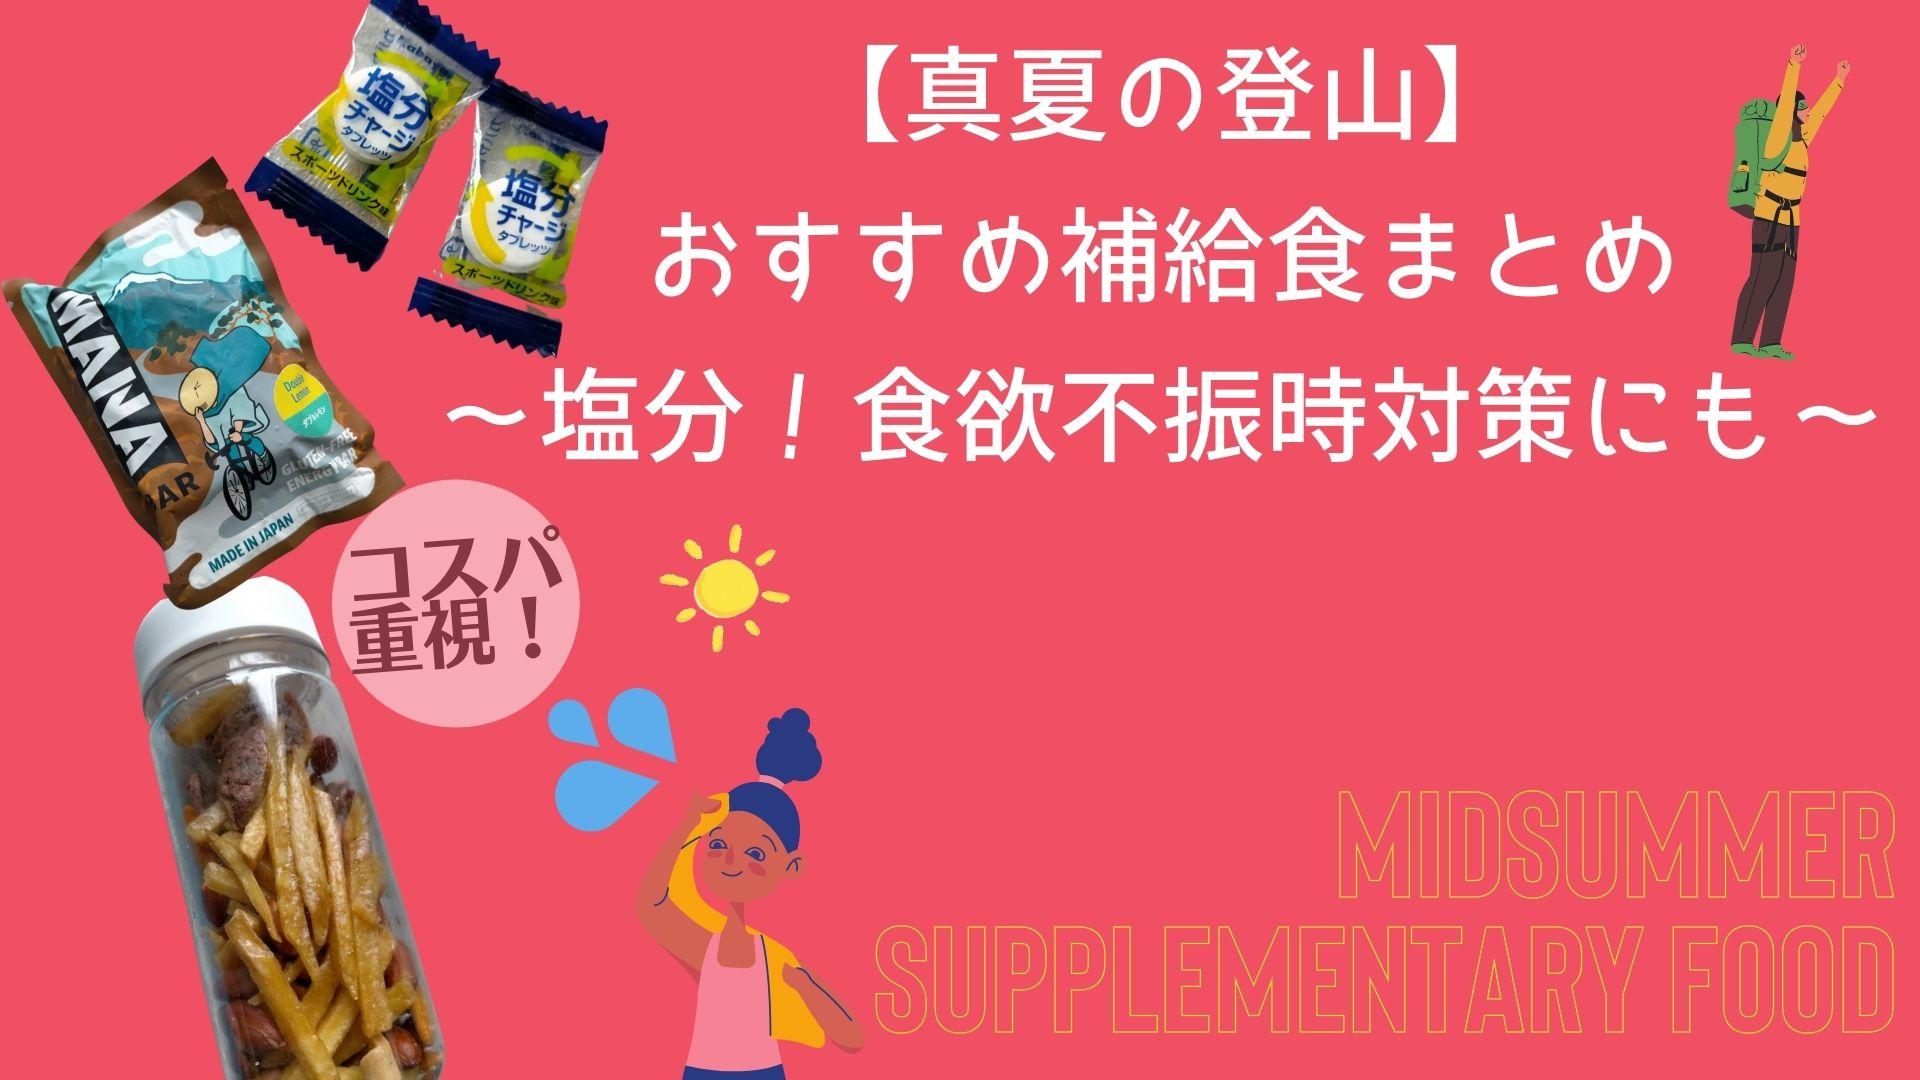 【真夏の登山】おすすめ補給食5選〜塩分!食欲不振時対策にも〜